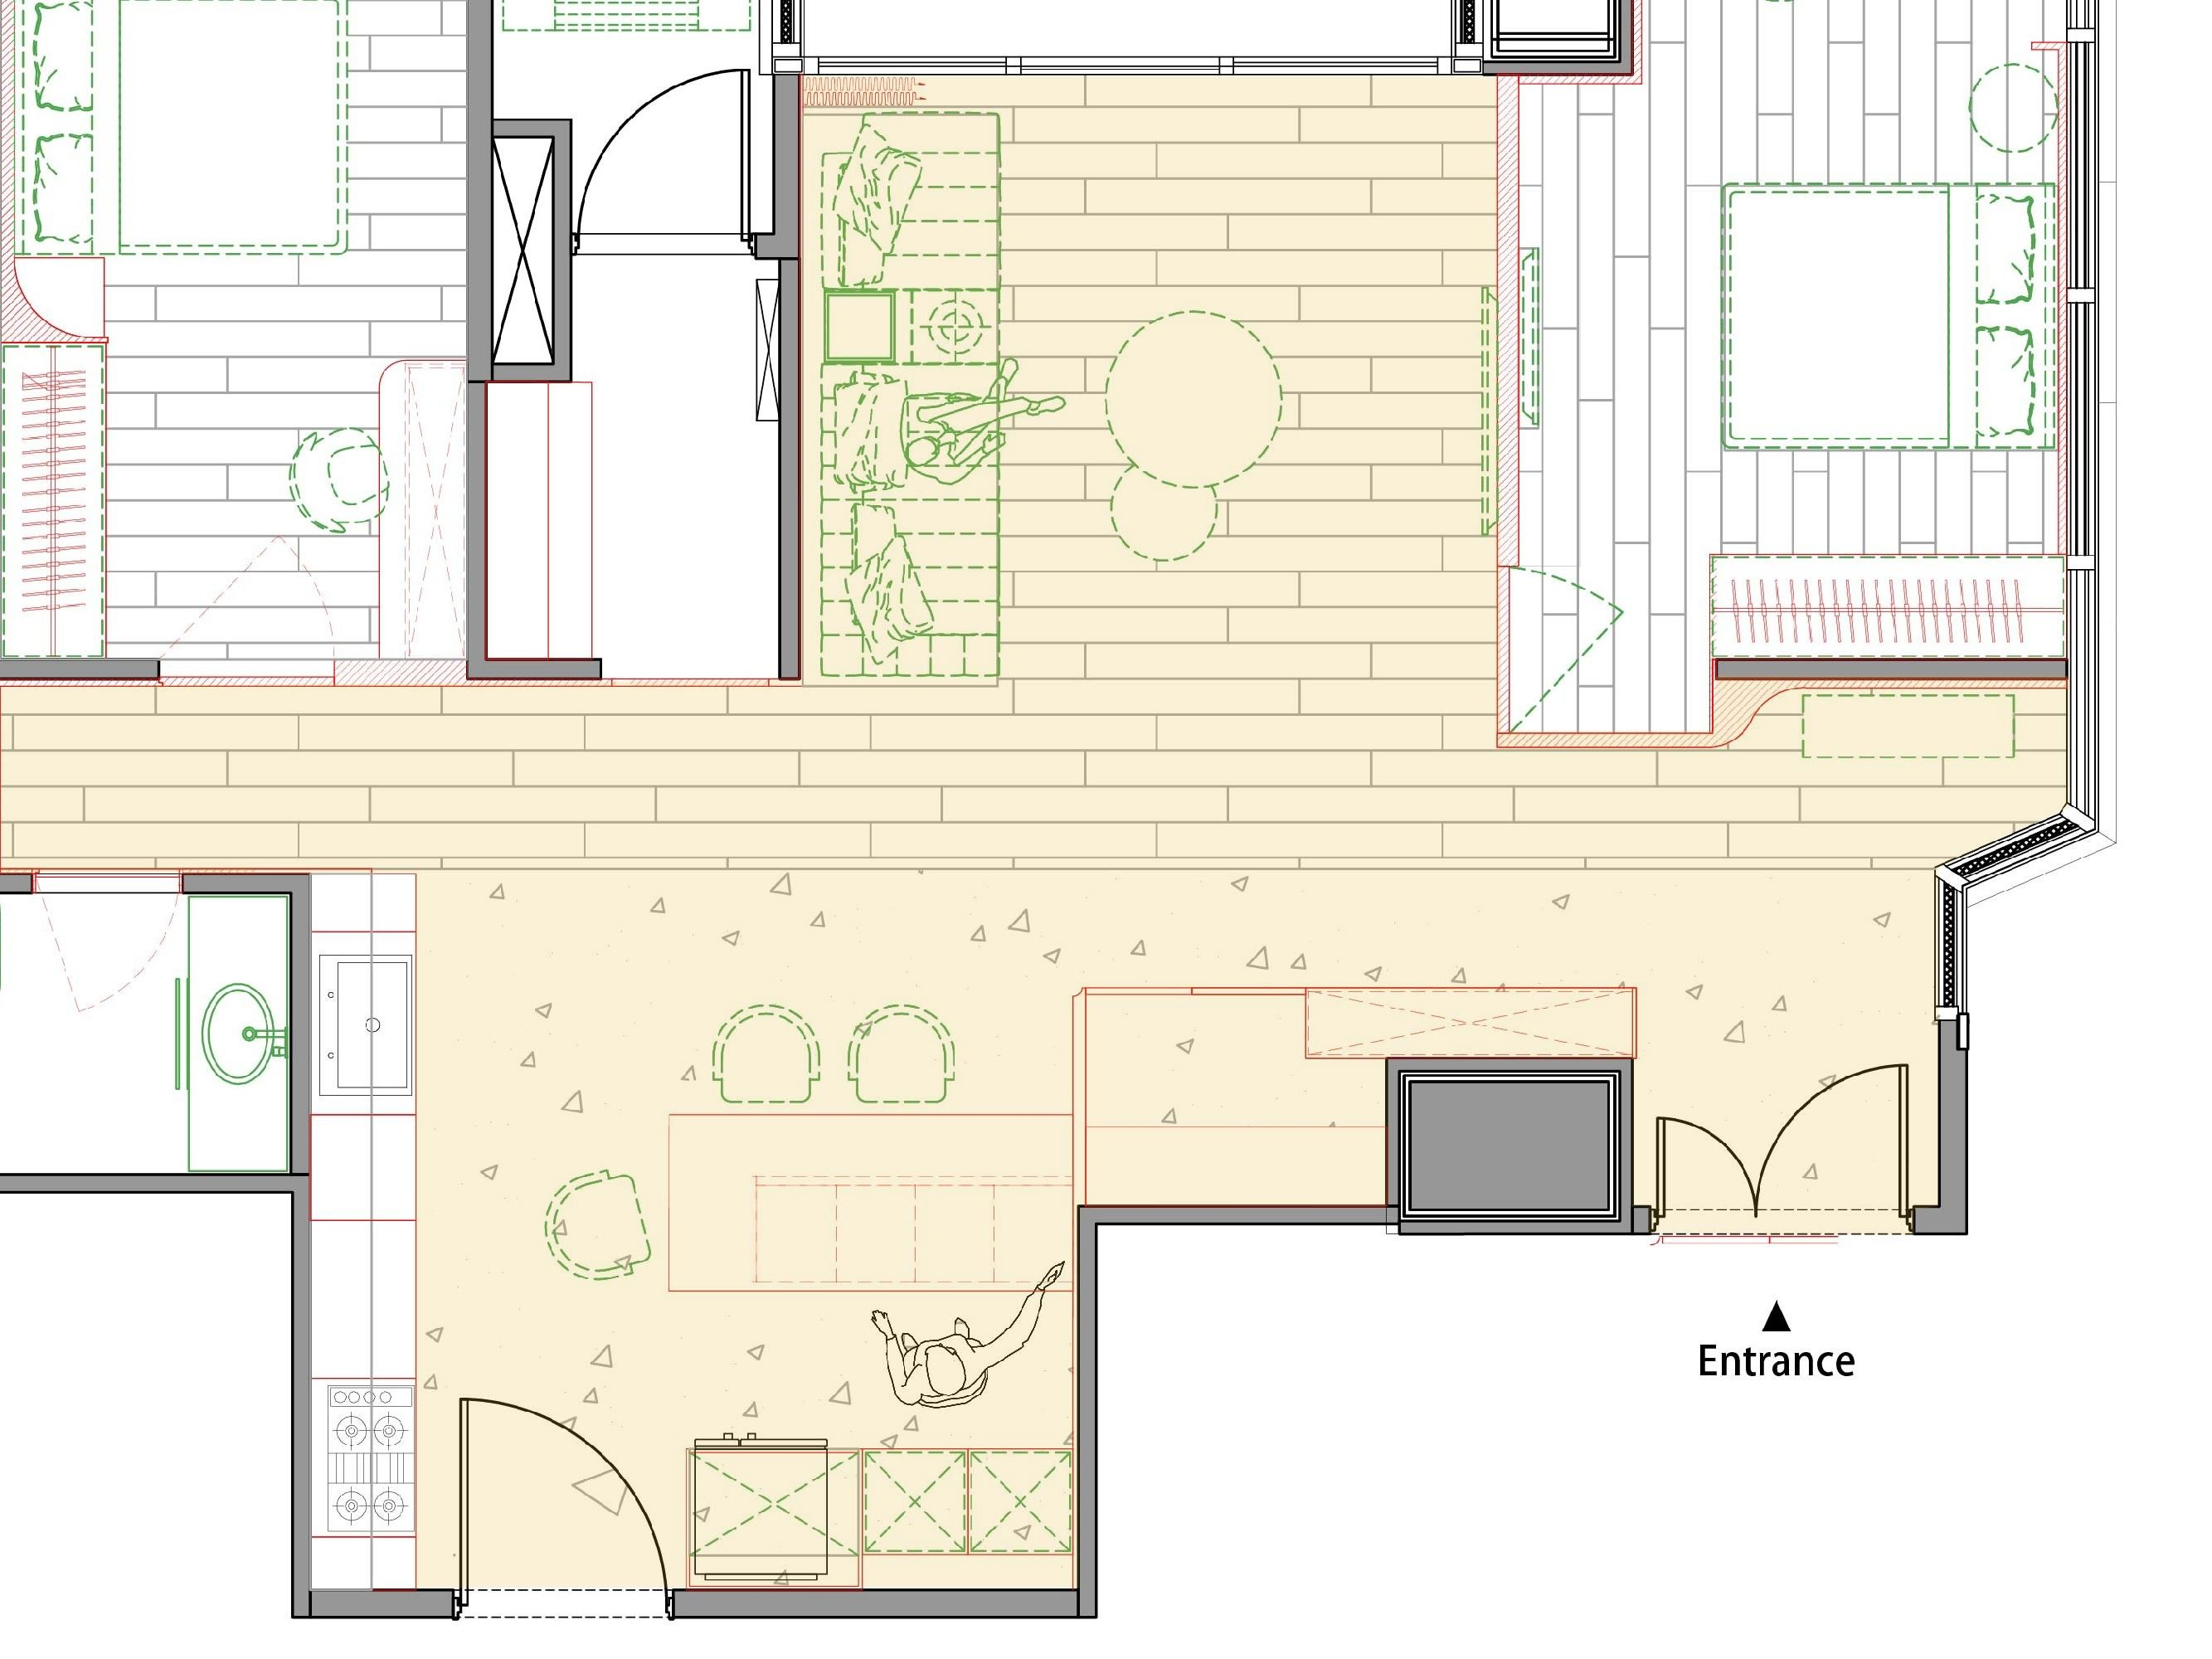 分子室內裝修設計-住宅空間規劃-現代風格-平面規劃圖